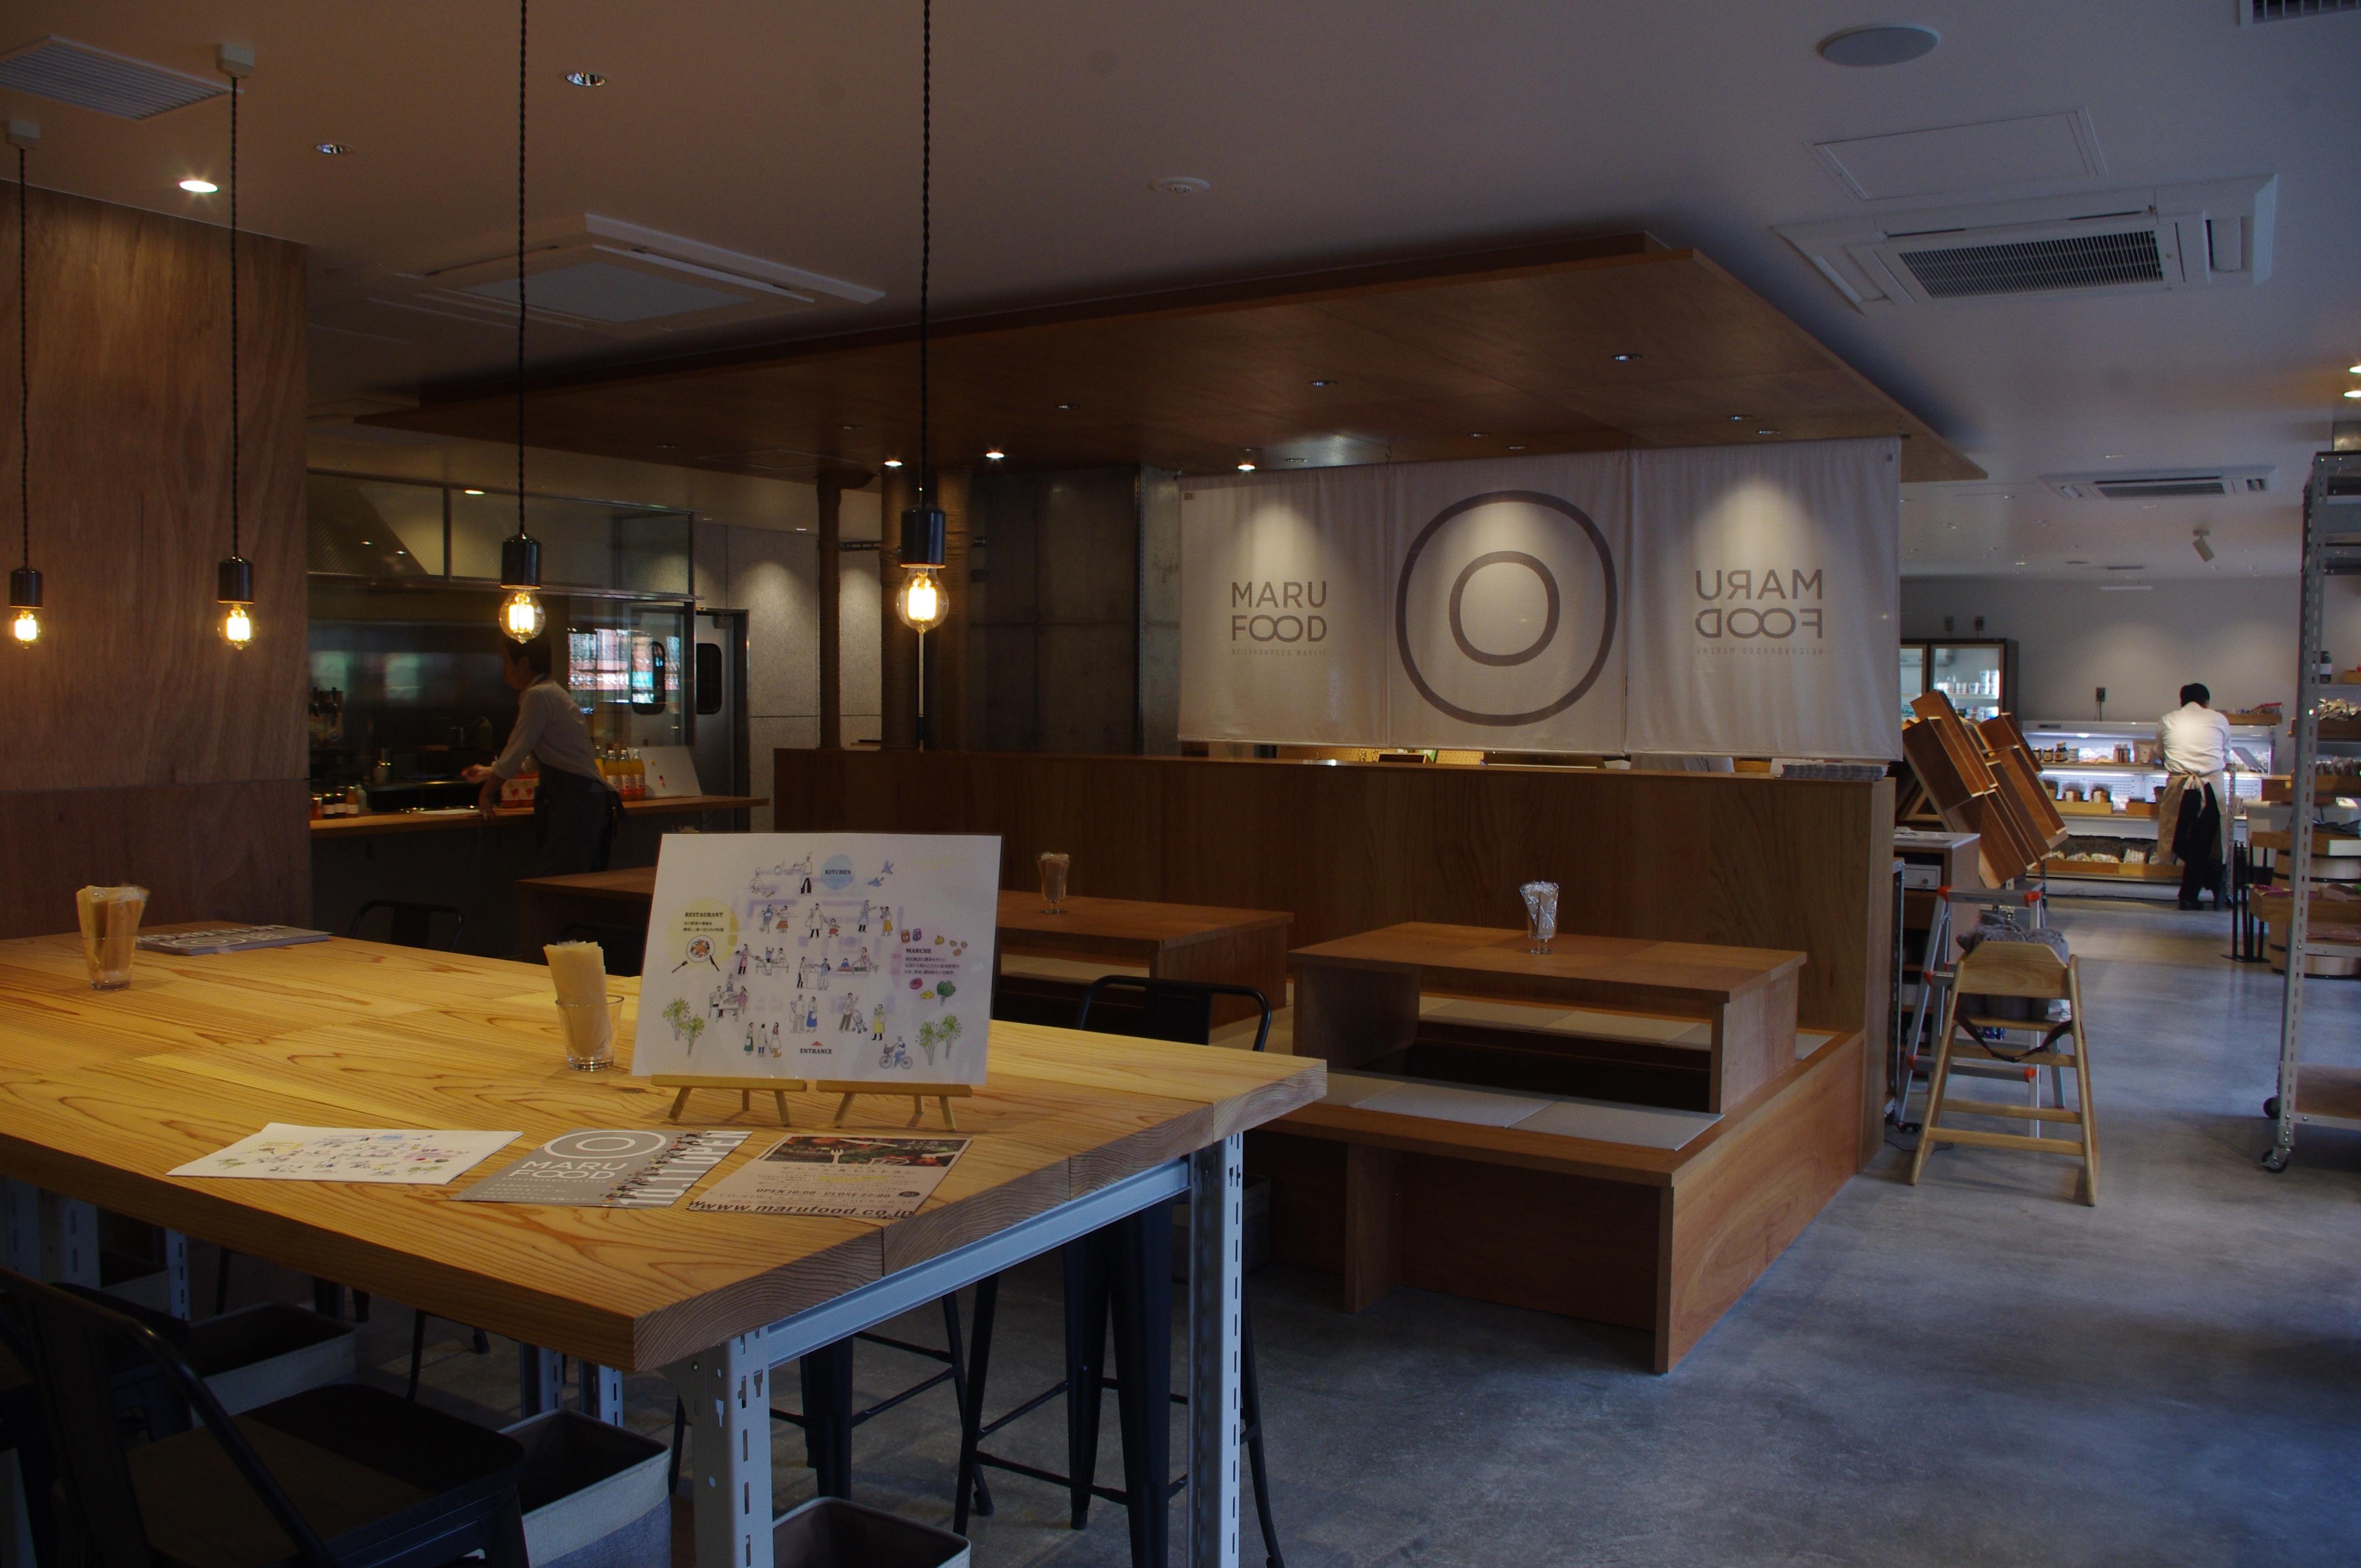 【内覧会レポ】たまプラ駅前に地域交流の場「CO-NIWA(コニワ)」誕生!カフェやワインも